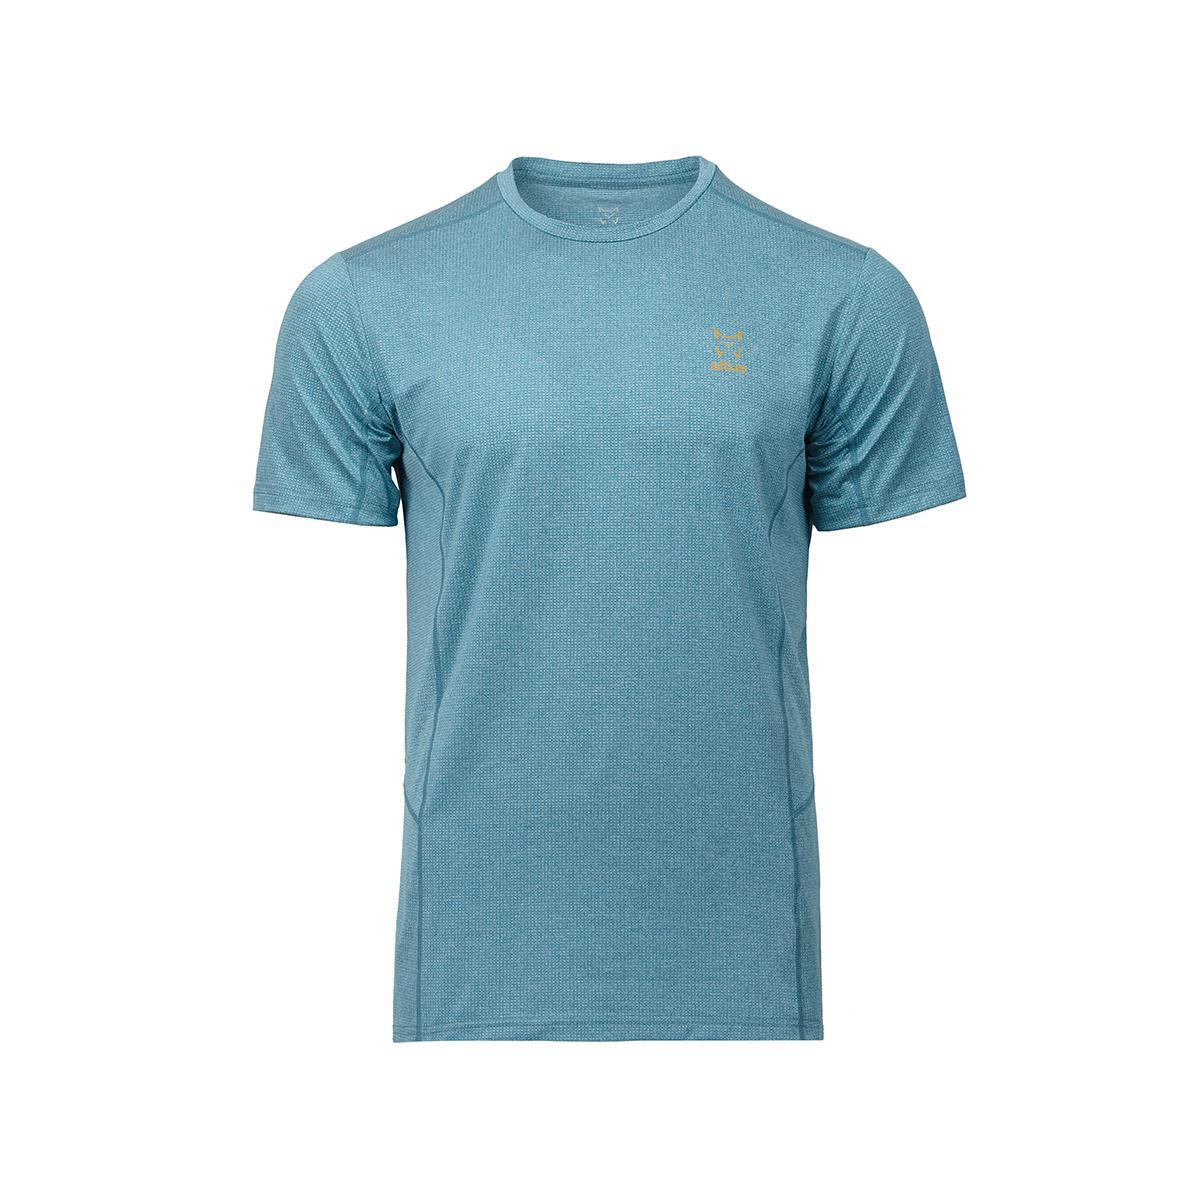 Camiseta Altus MARSHALL - Secado rápido